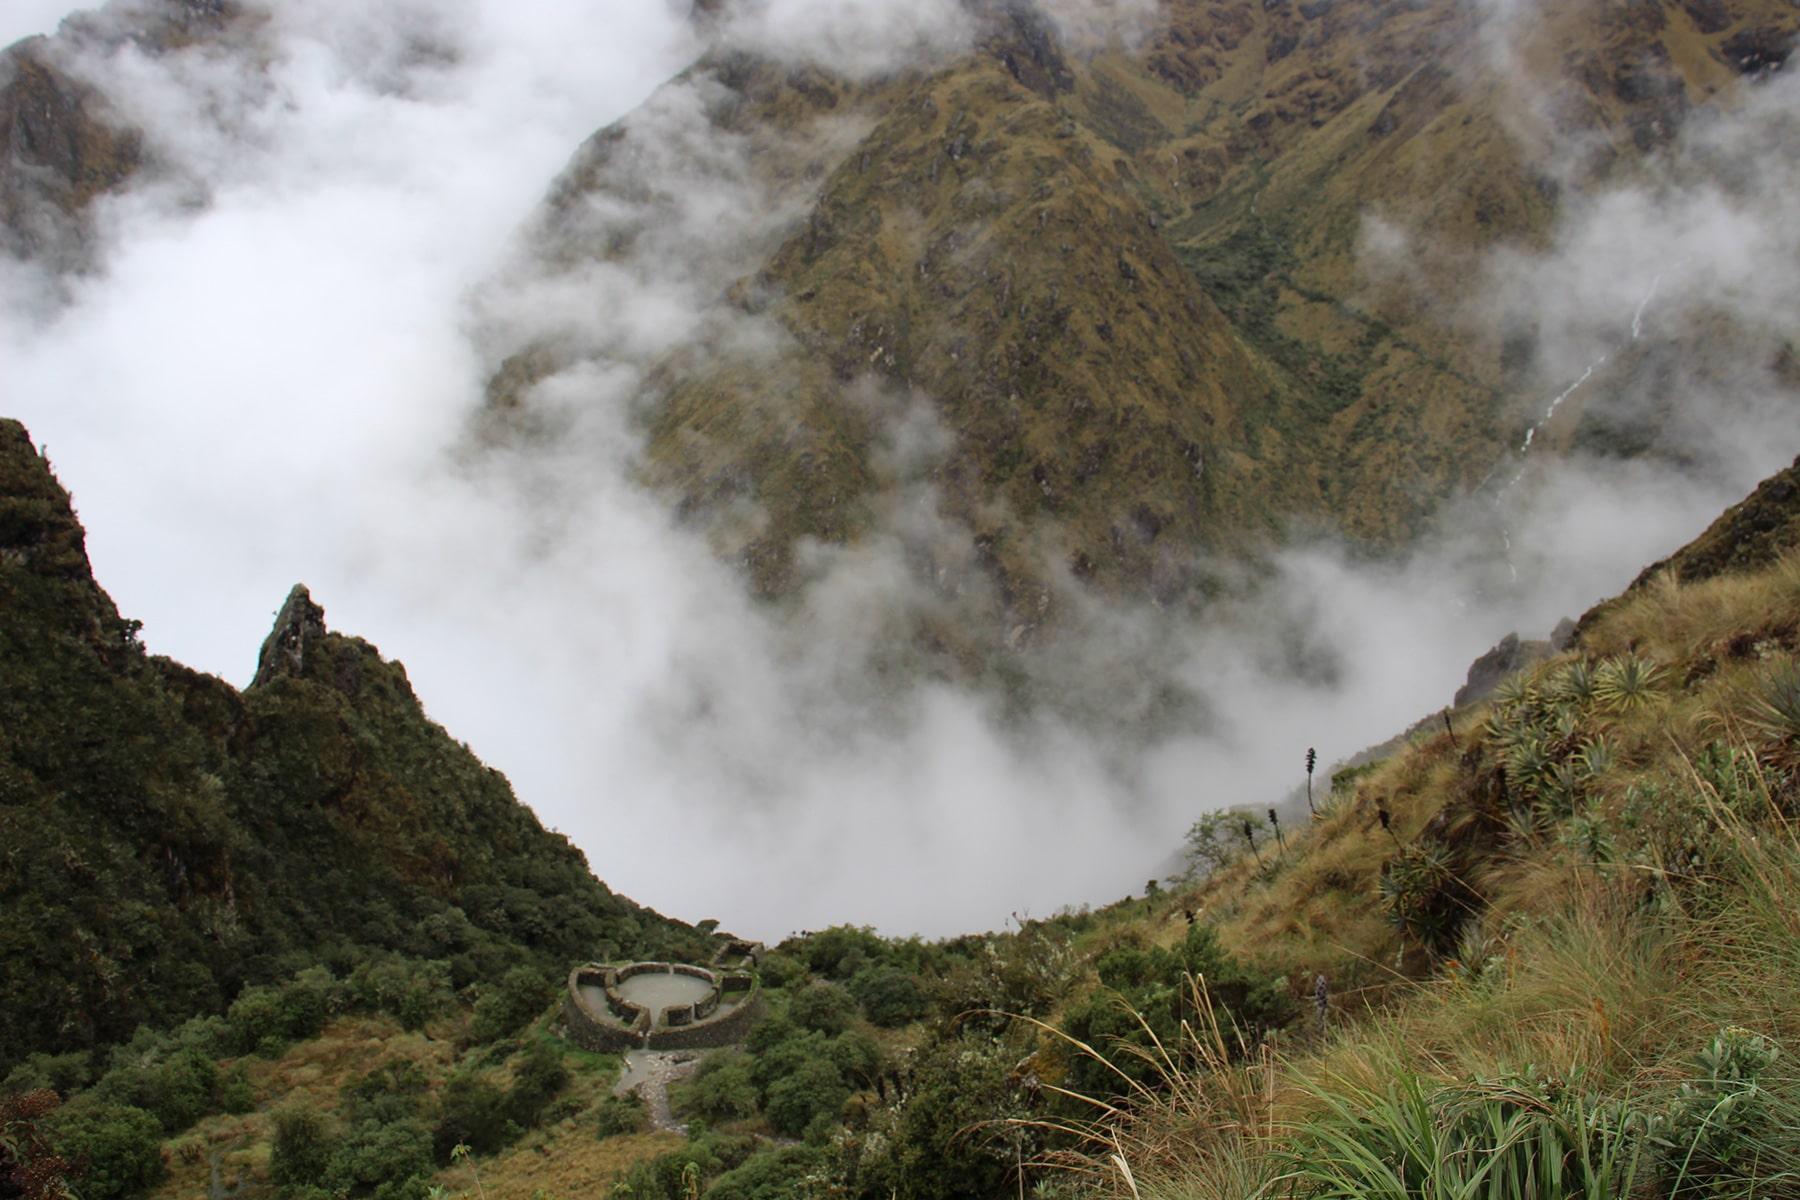 Runcu Raccay dall'alto immerso nella nebbia sull'inca trail